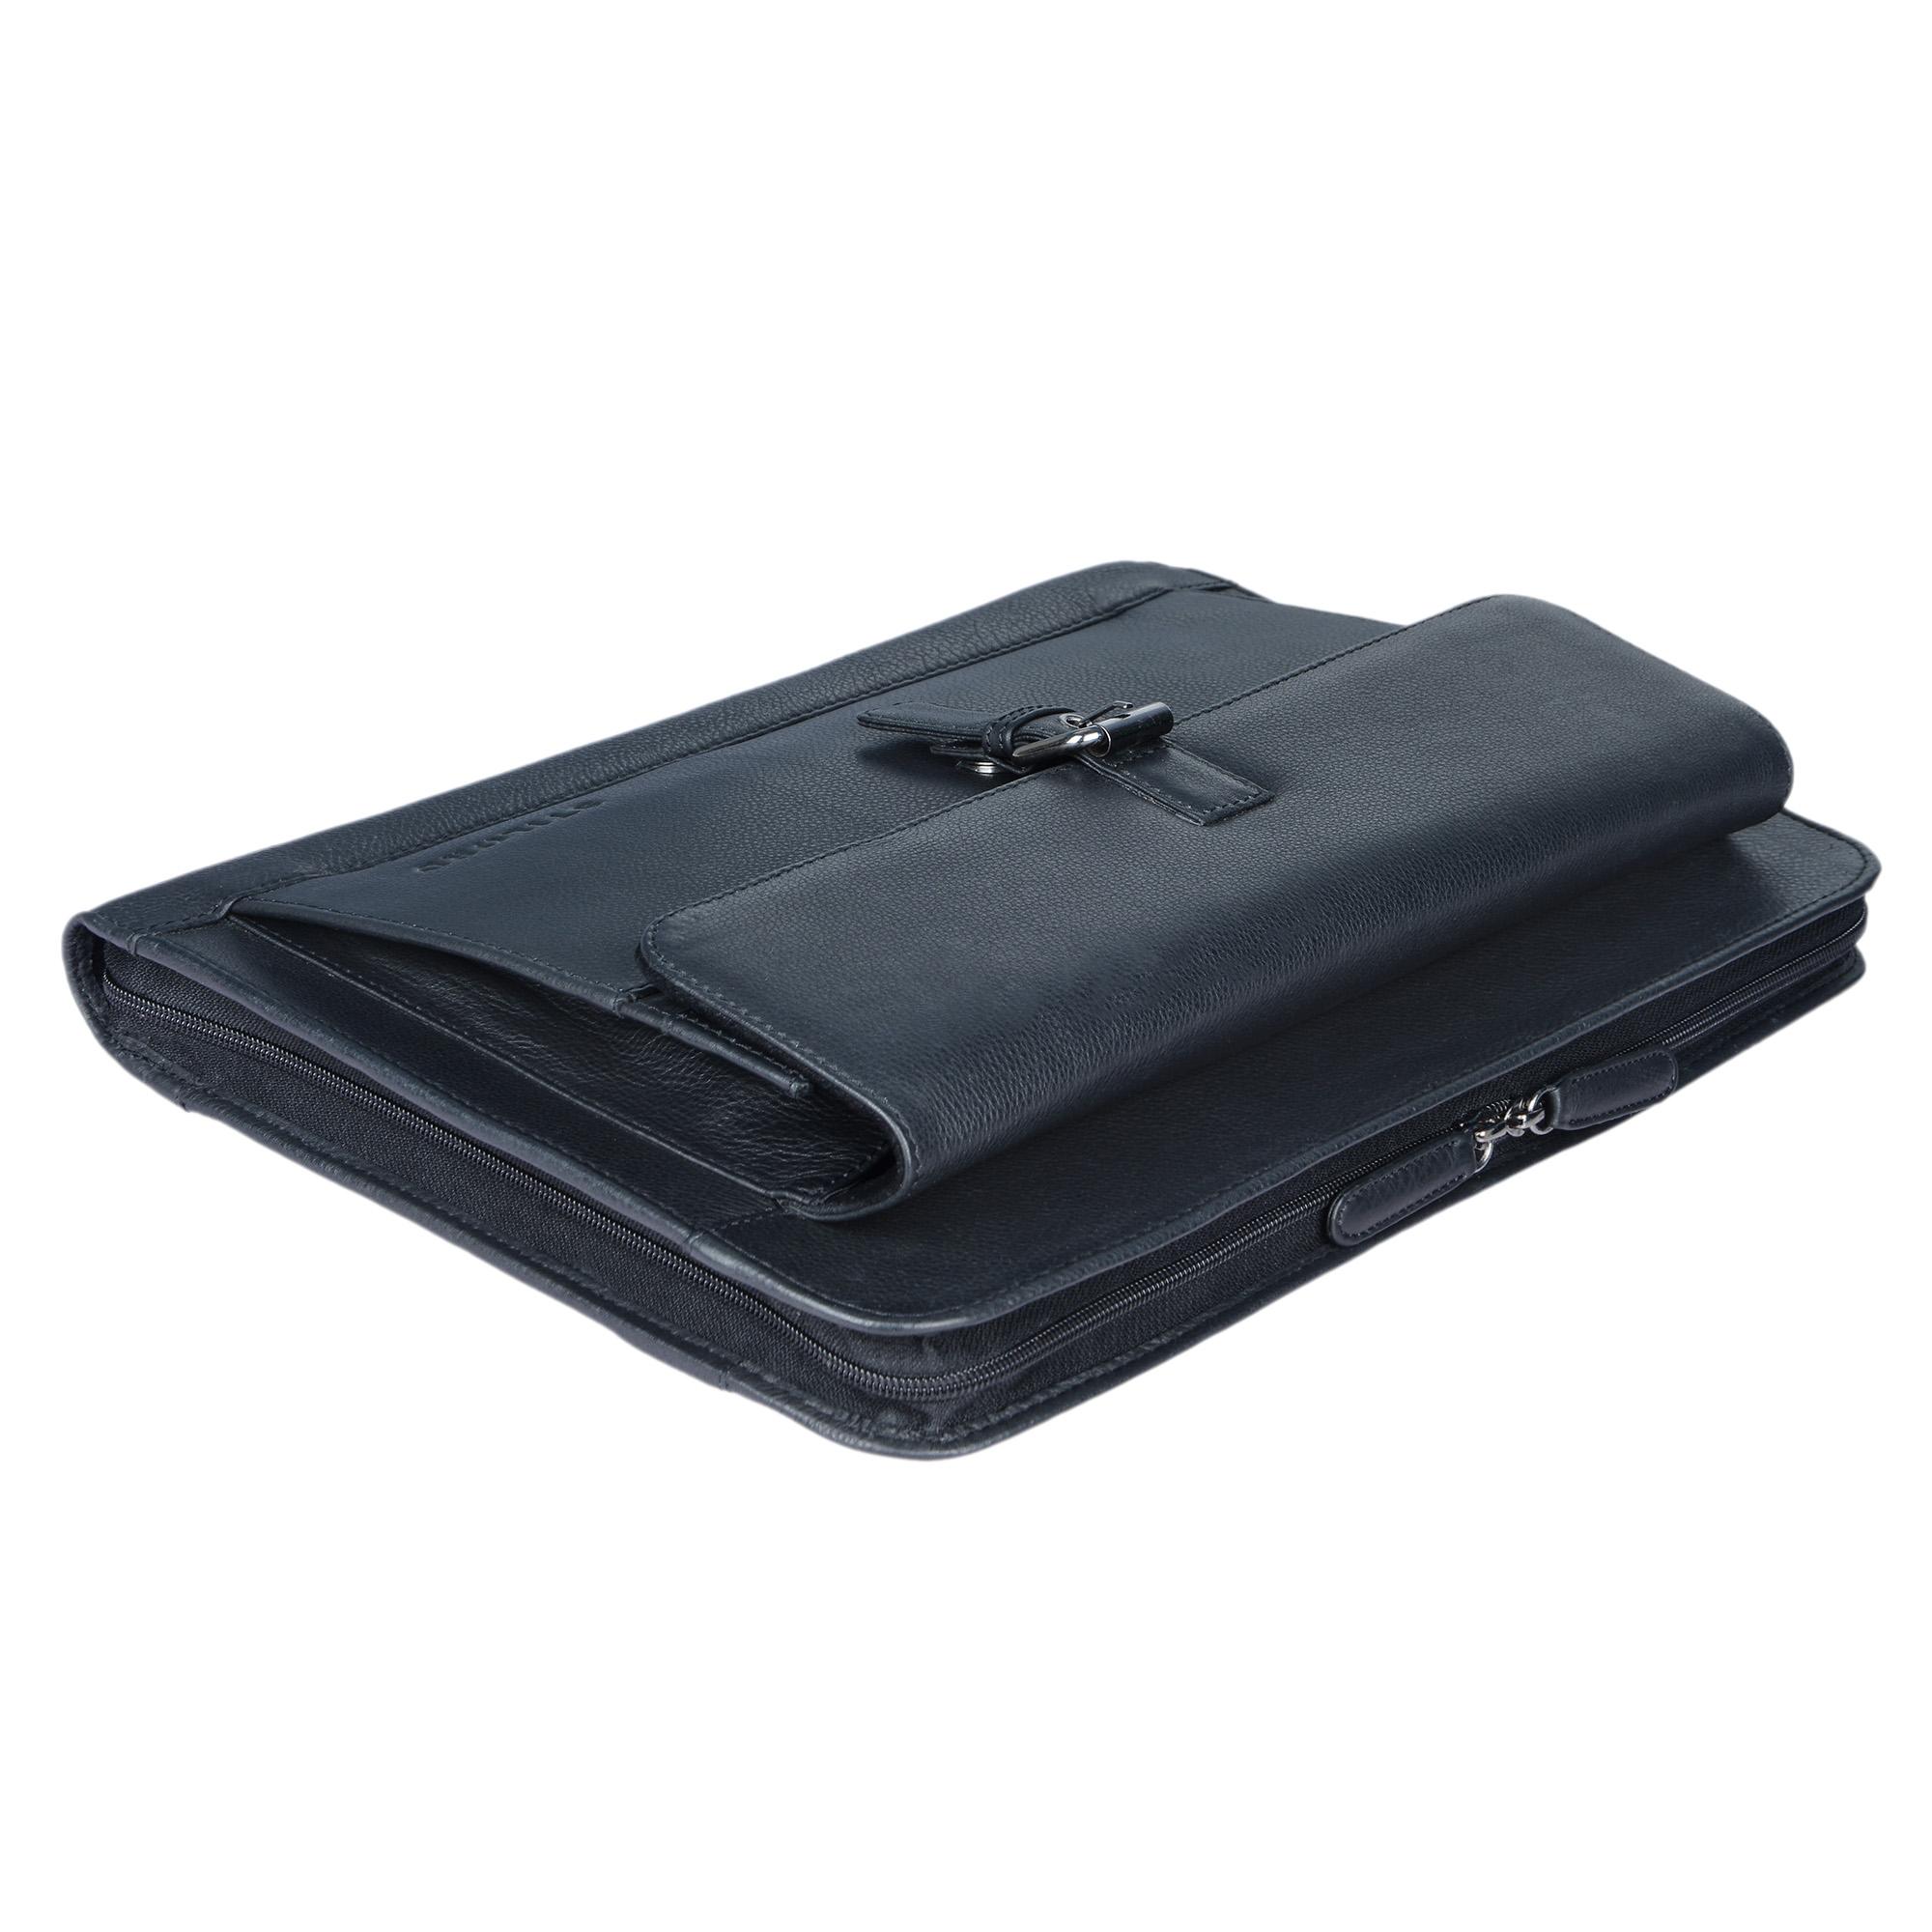 """STILORD """"Emilius"""" Aktenmappe Leder A4 Vintage Konferenzmappe mit Reißverschluss Schreibmappe für 13,3 Zoll Laptop MacBook elegante Konferenzmappe Echtleder - Bild 20"""